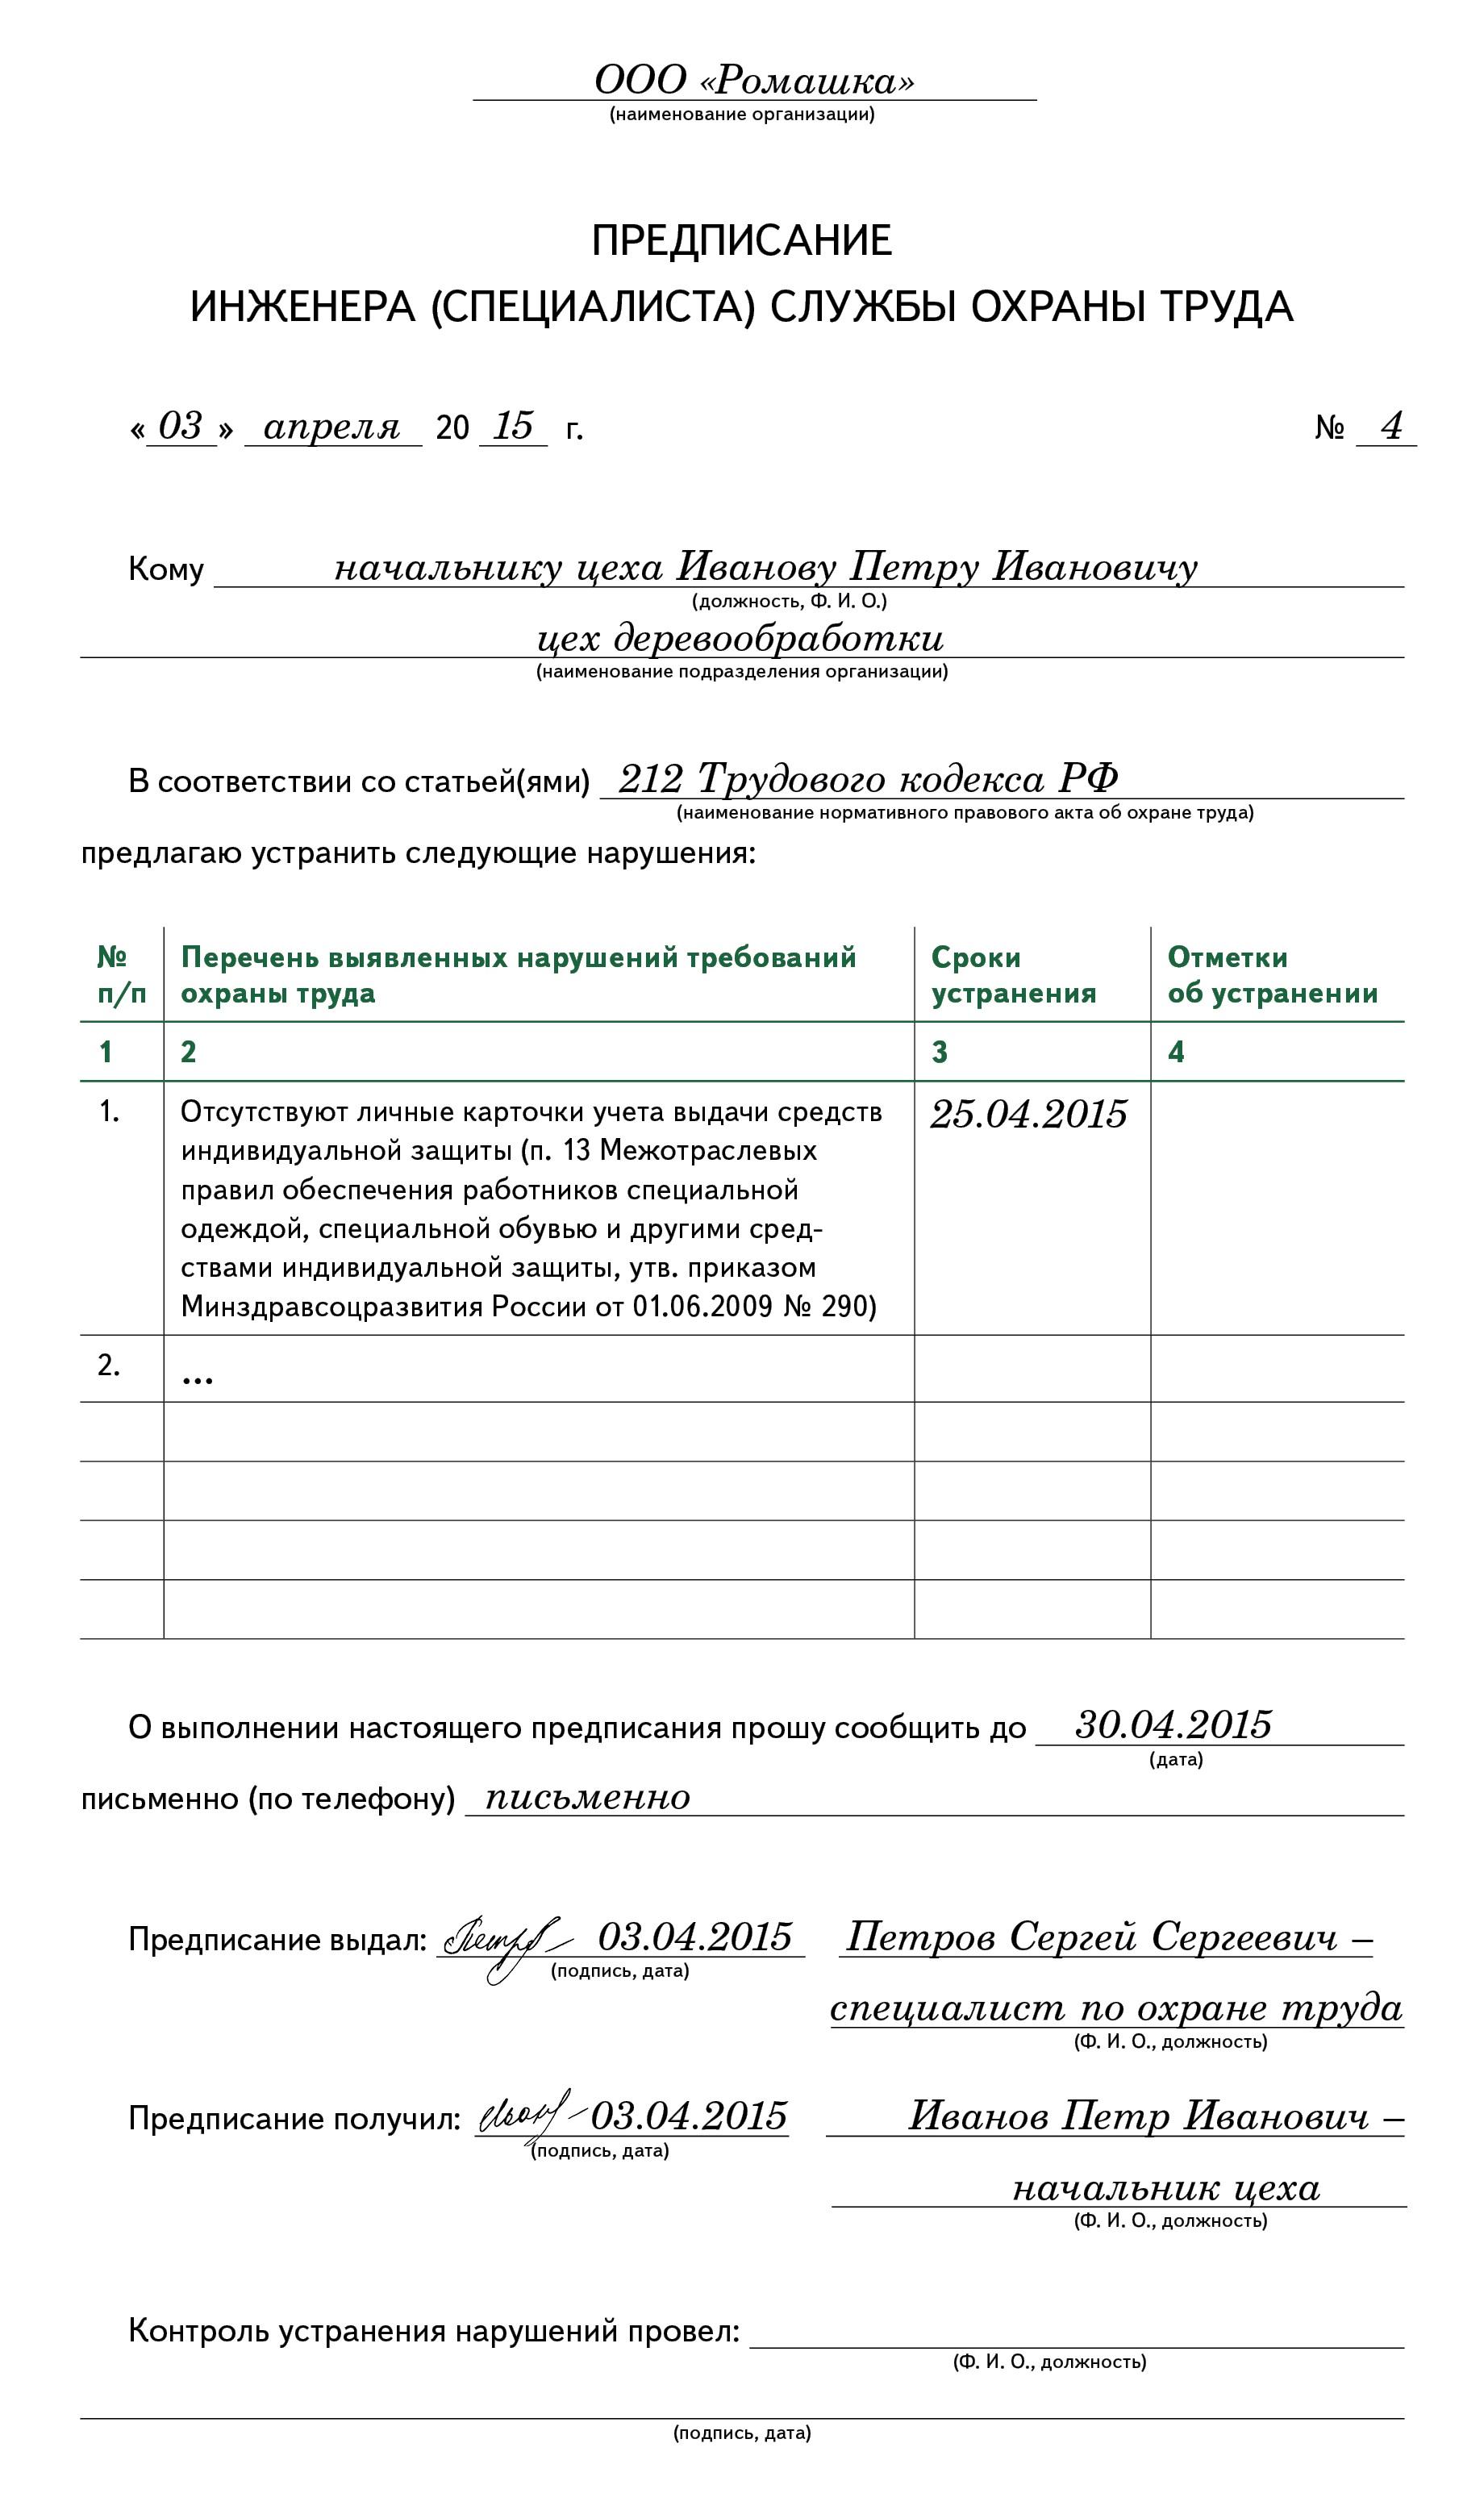 экзаменационные билеты и ответы на них по электробезопасности для 2 группы